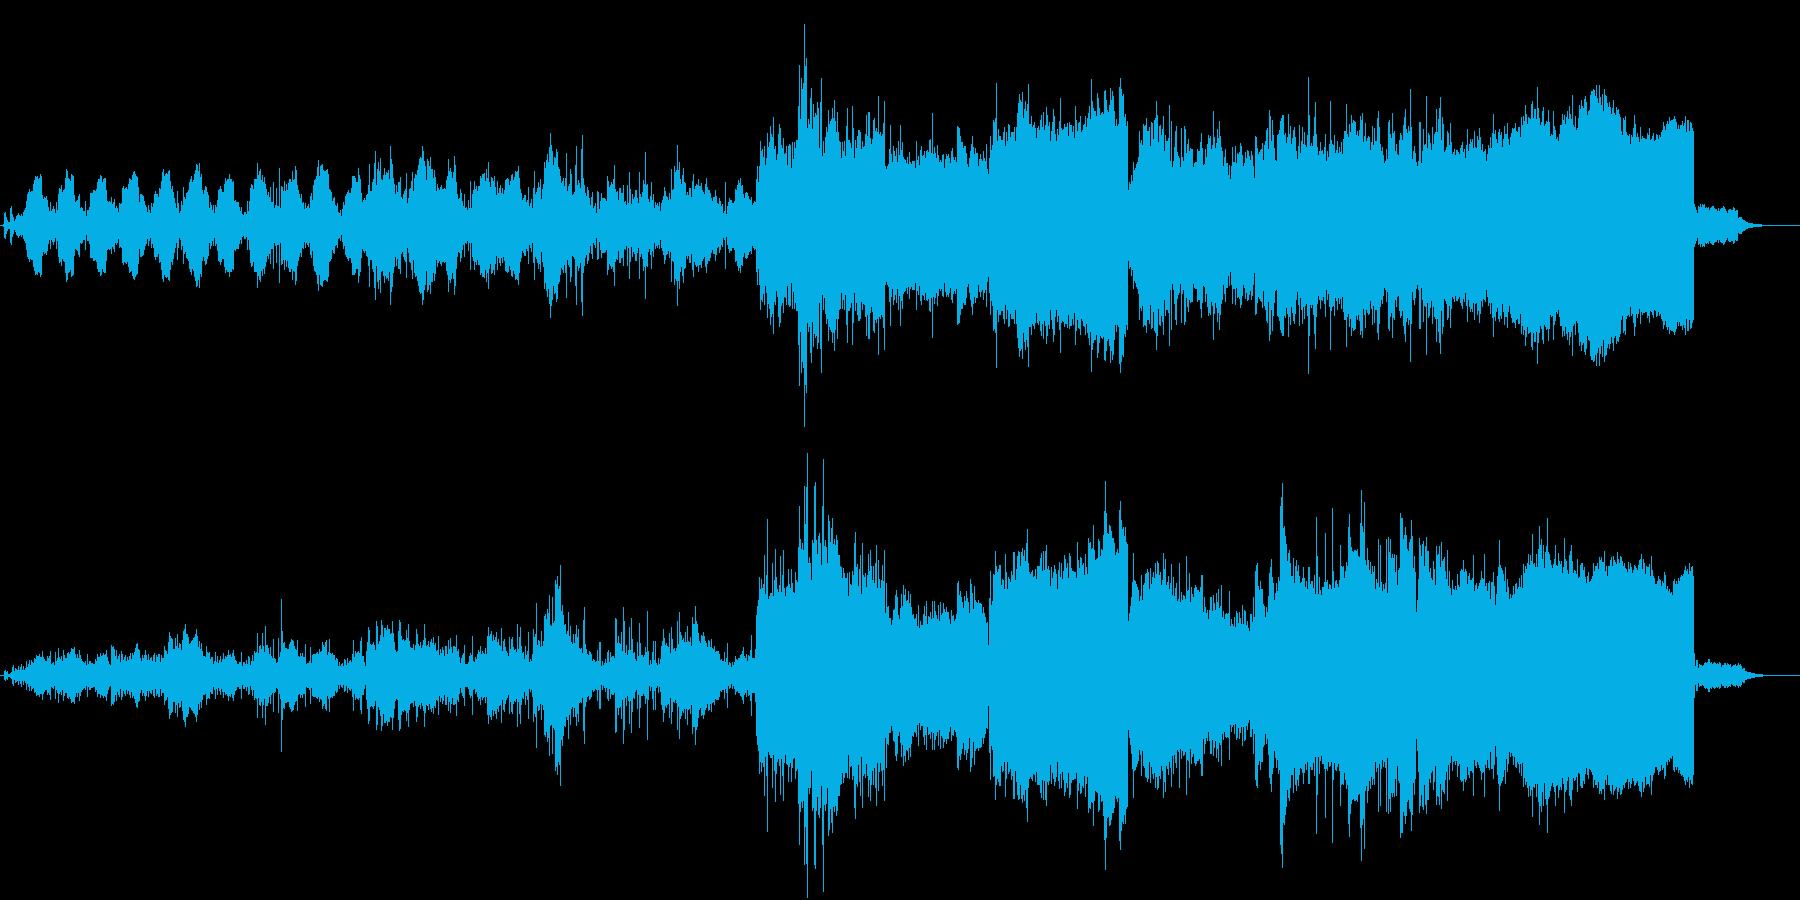 夜明けをイメージした曲の再生済みの波形